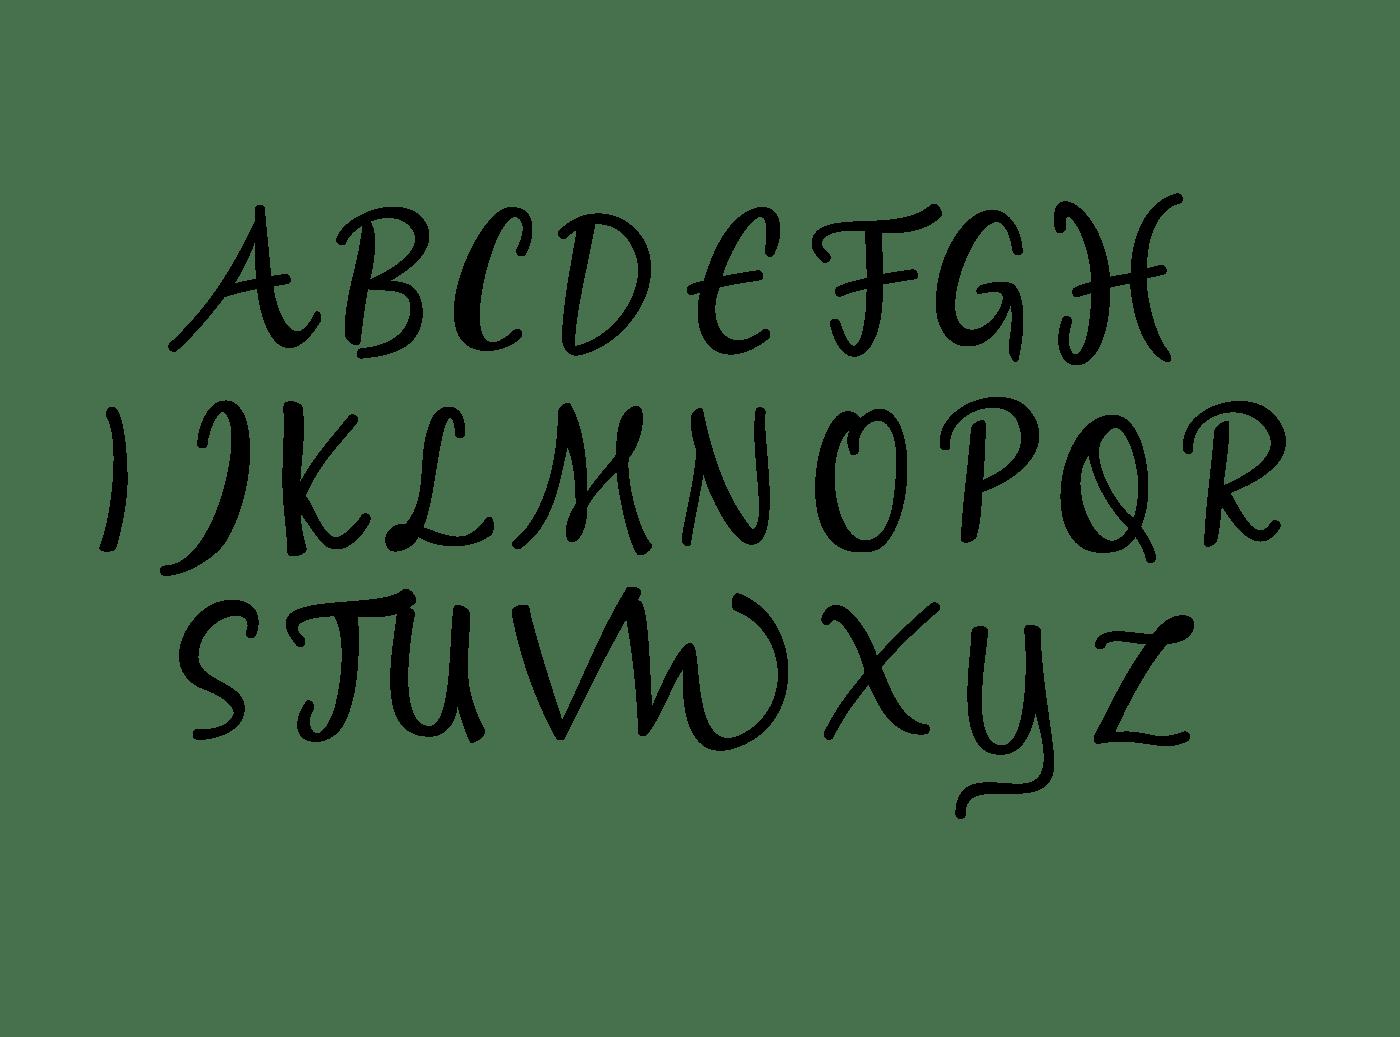 diemme-script-font-1